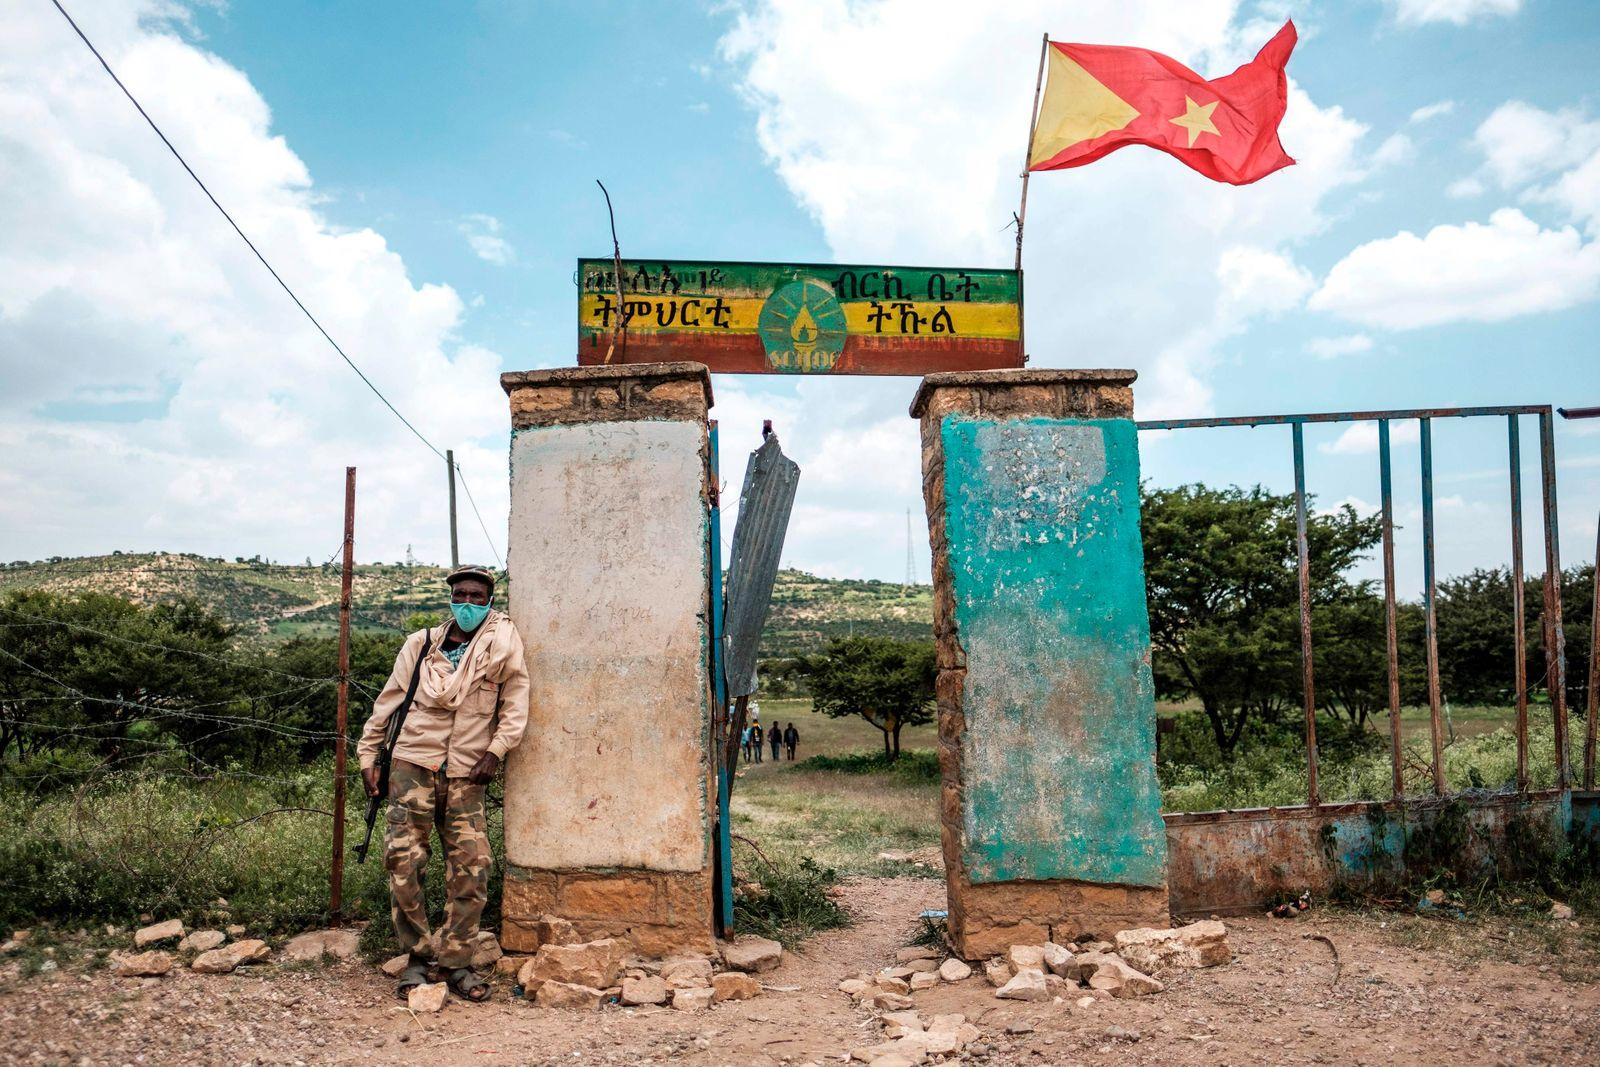 TOPSHOT-ETHIOPIA-VOTE